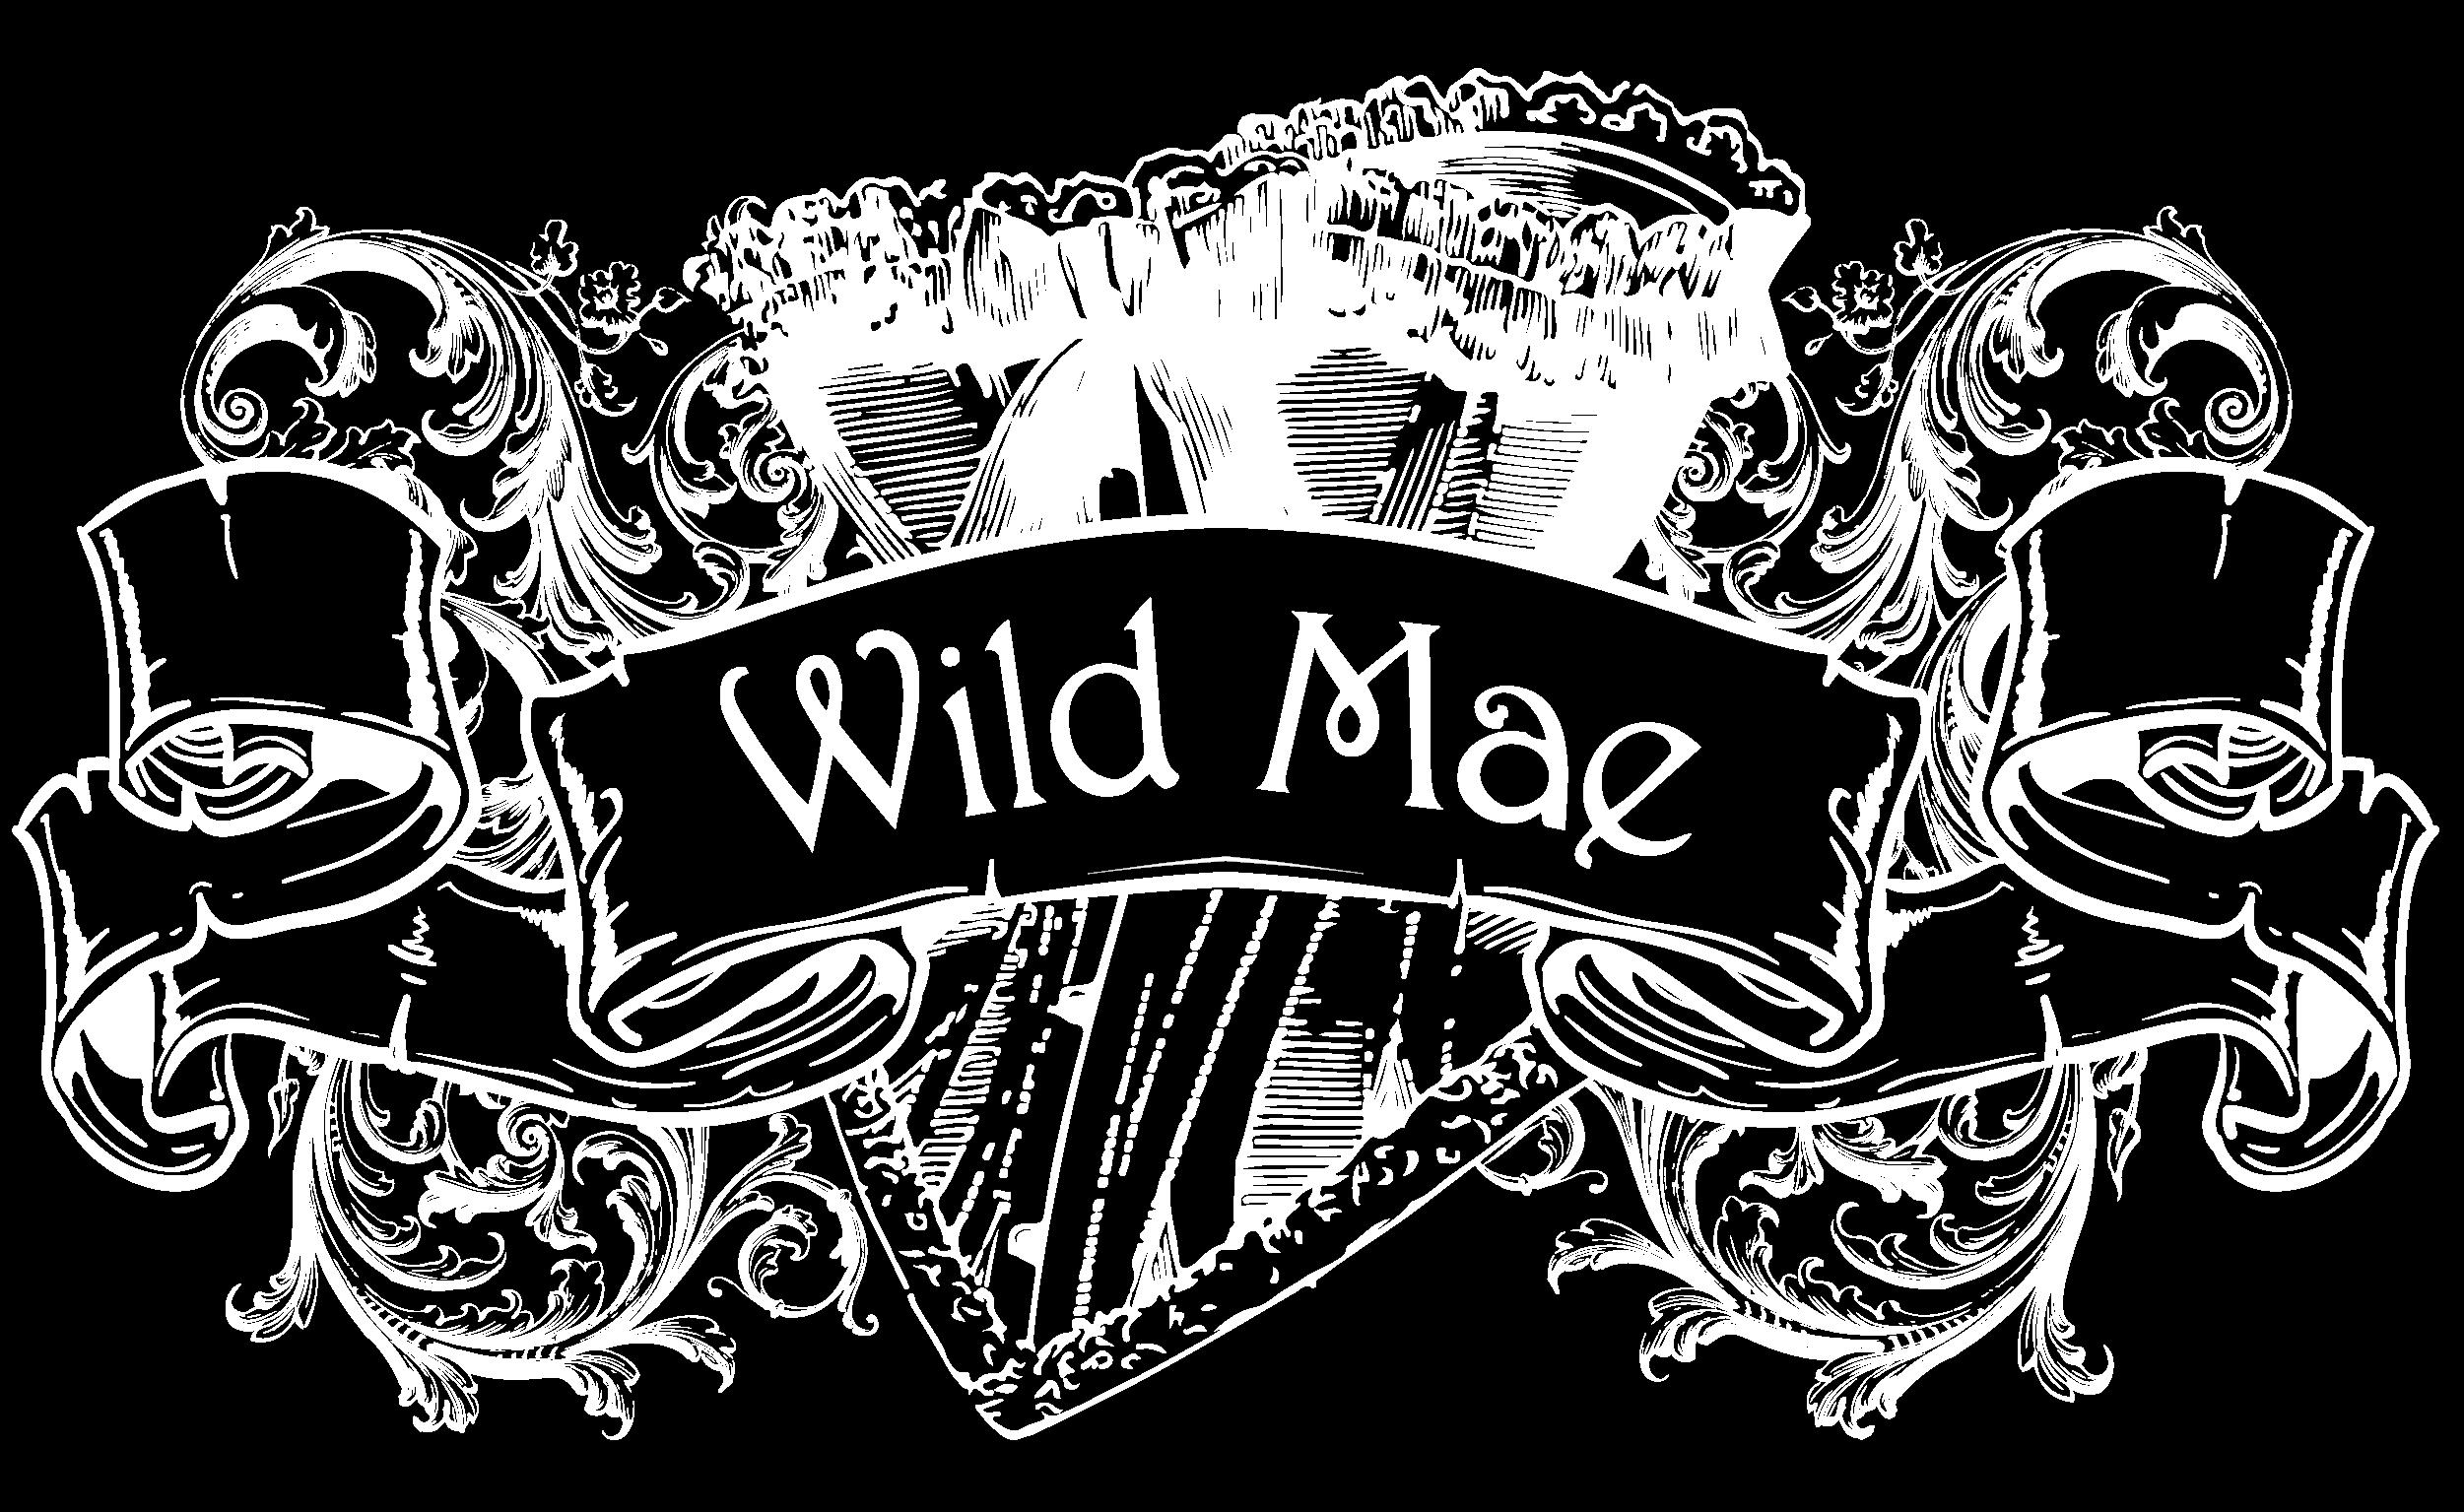 Wild Mae